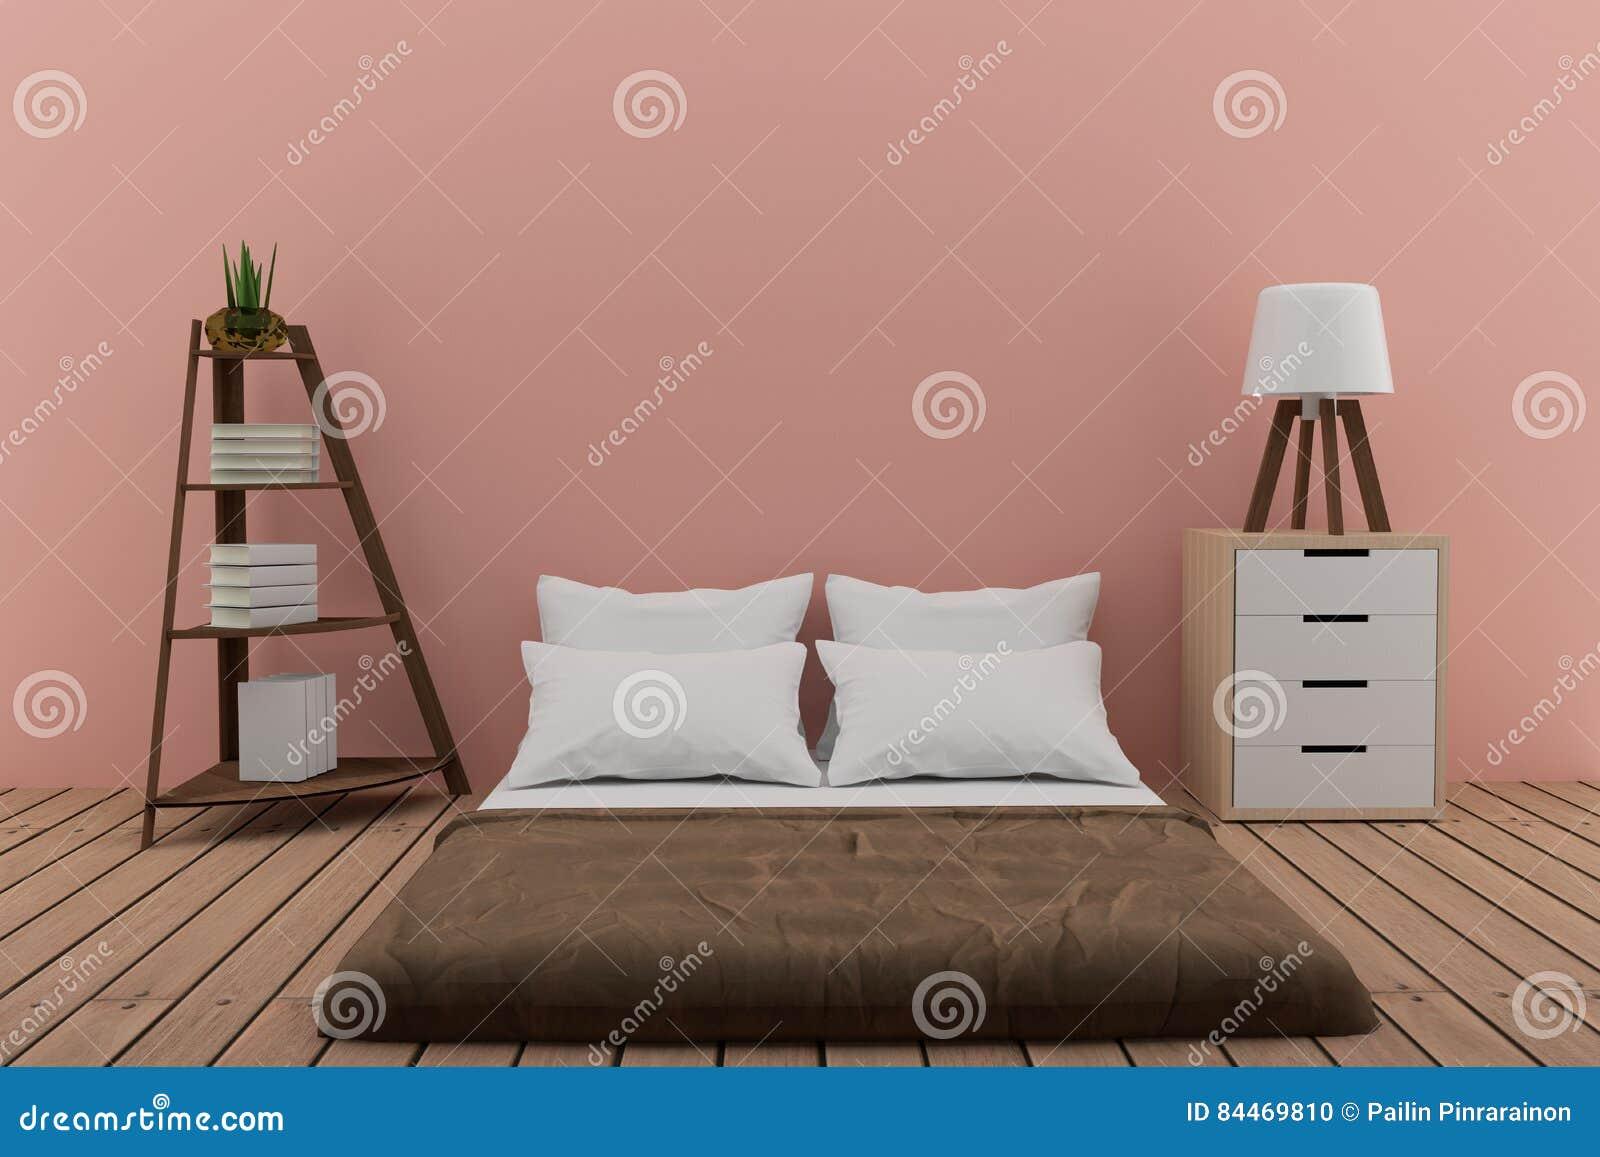 Stanza Da Letto Rosa : Camera da letto con lo scaffale per libri con la piccoli lampada e